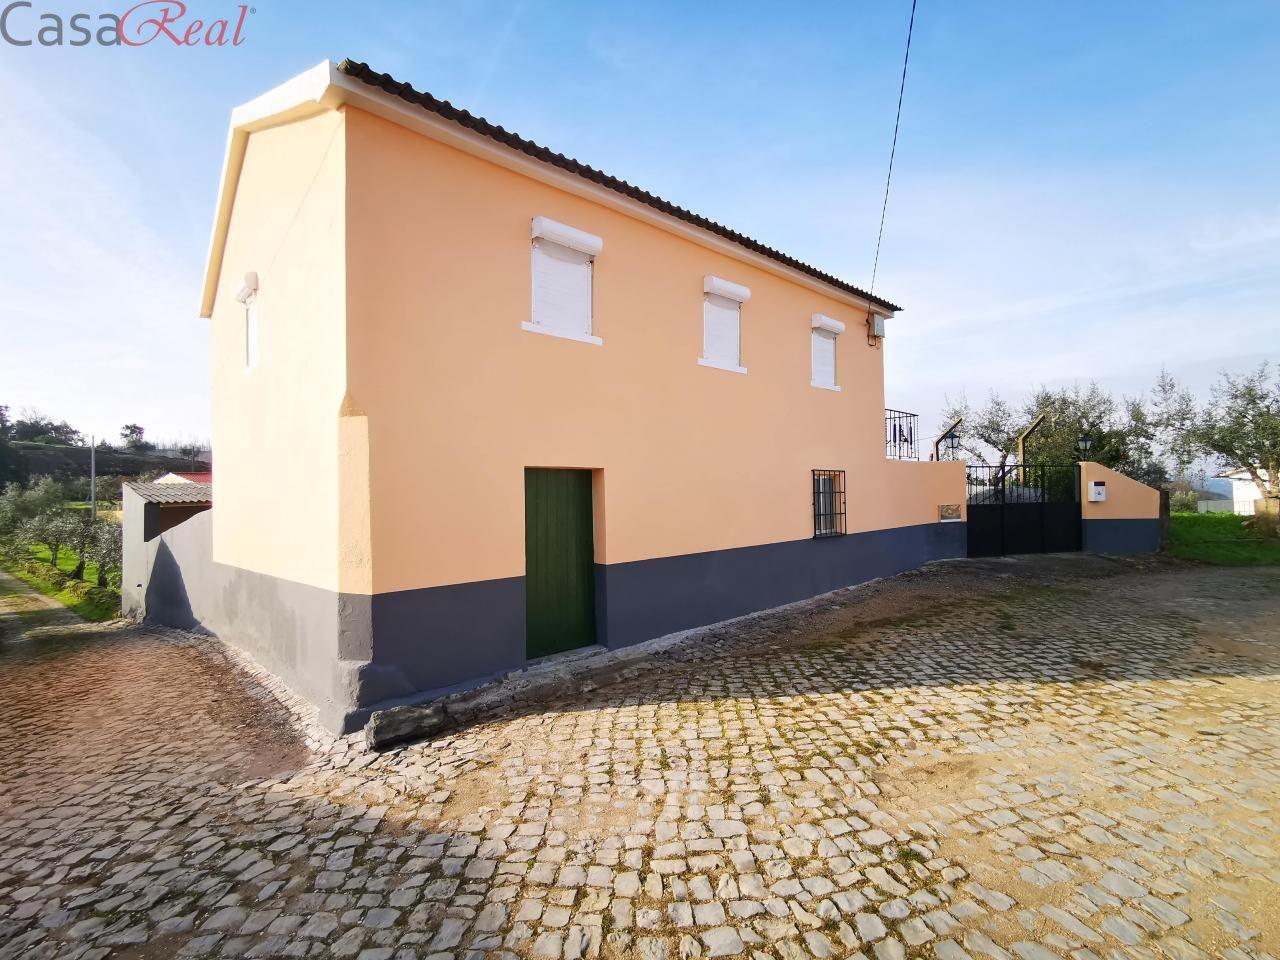 Quintas e herdades para comprar, Cumeada e Marmeleiro, Sertã, Castelo Branco - Foto 2